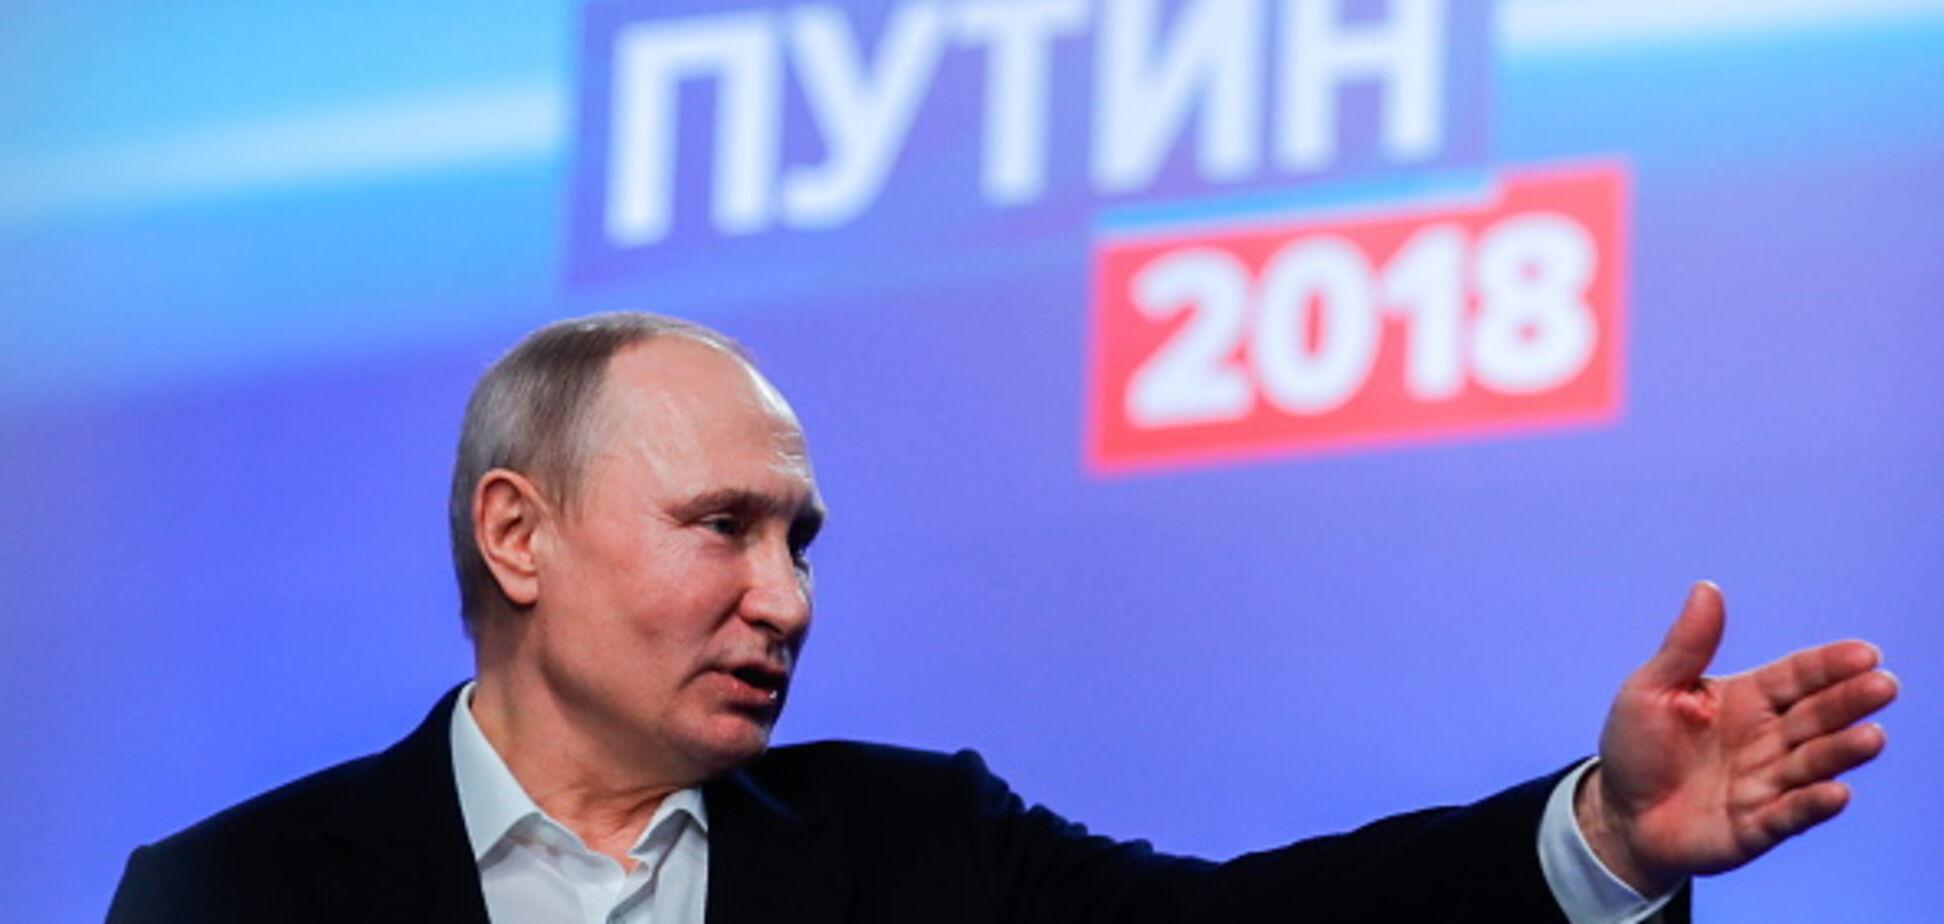 Непризнание выборов Путина: в Раде готовят еще одно постановление